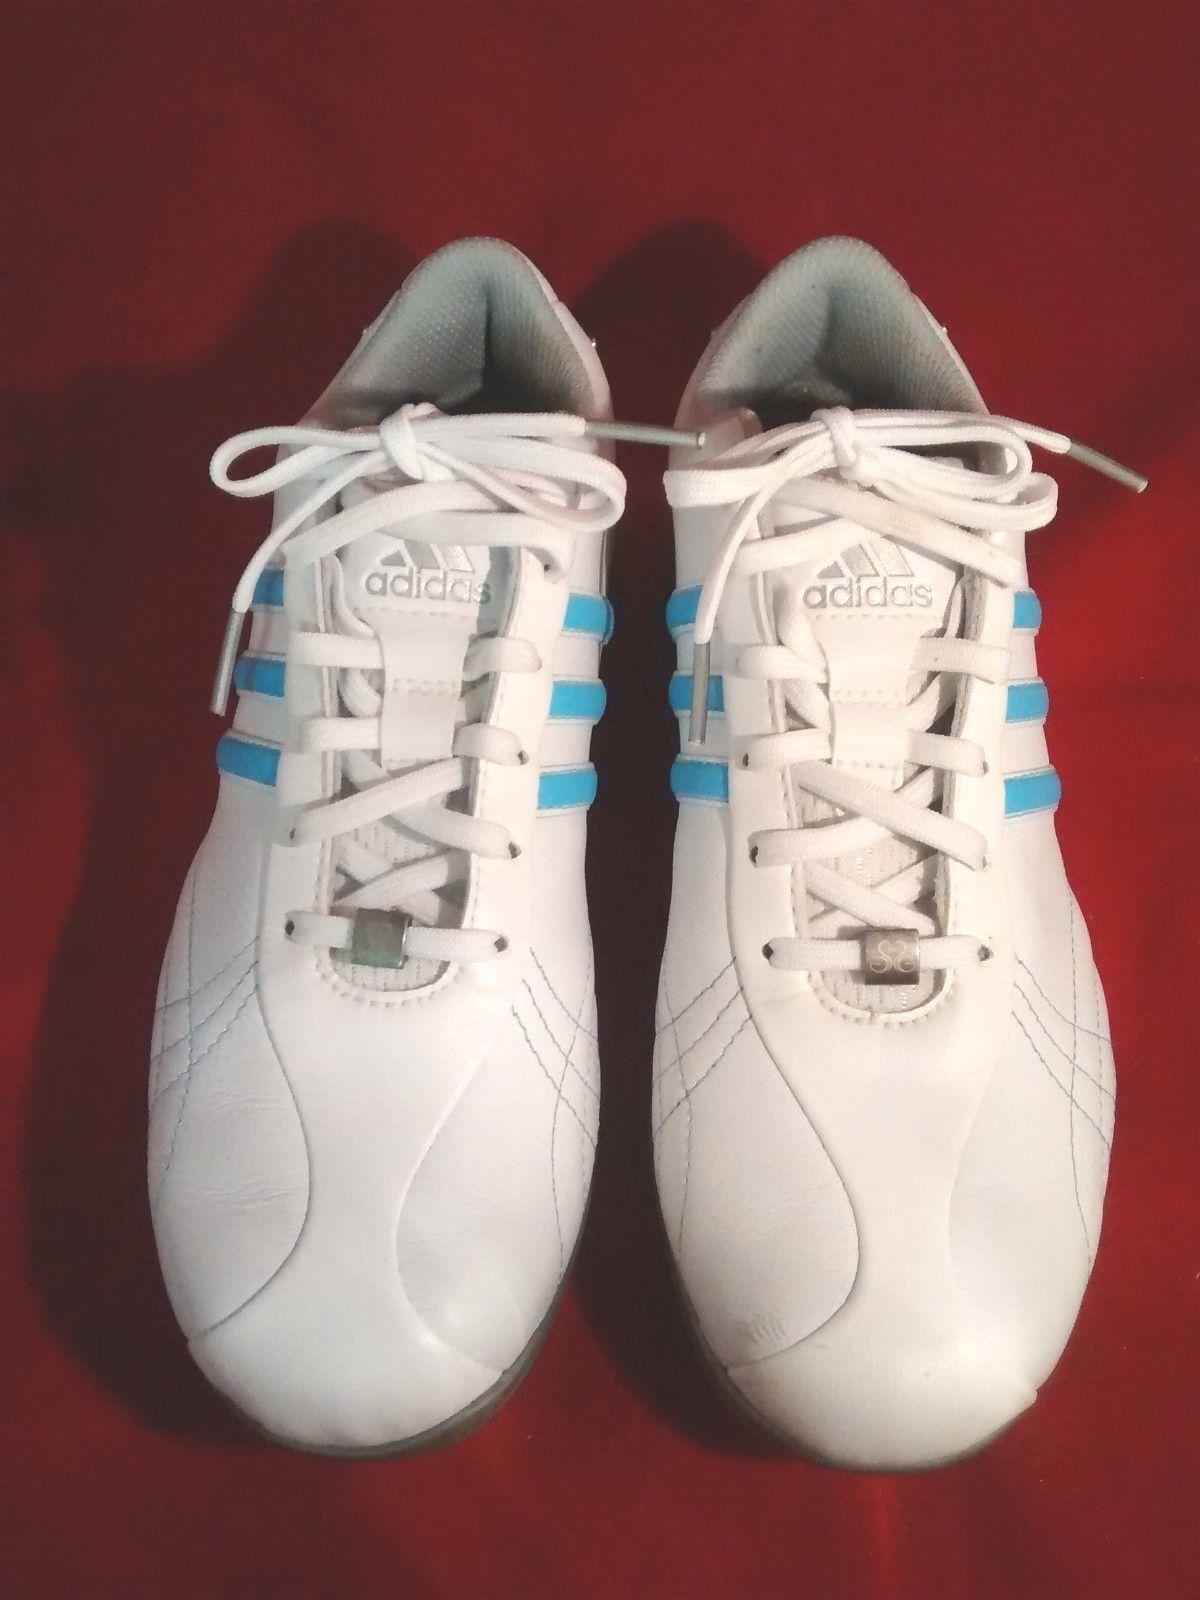 ADIDAS Chaussures de golf blanc / bleu taille 6 1/2 pour femmes ThinTech FitFOAM